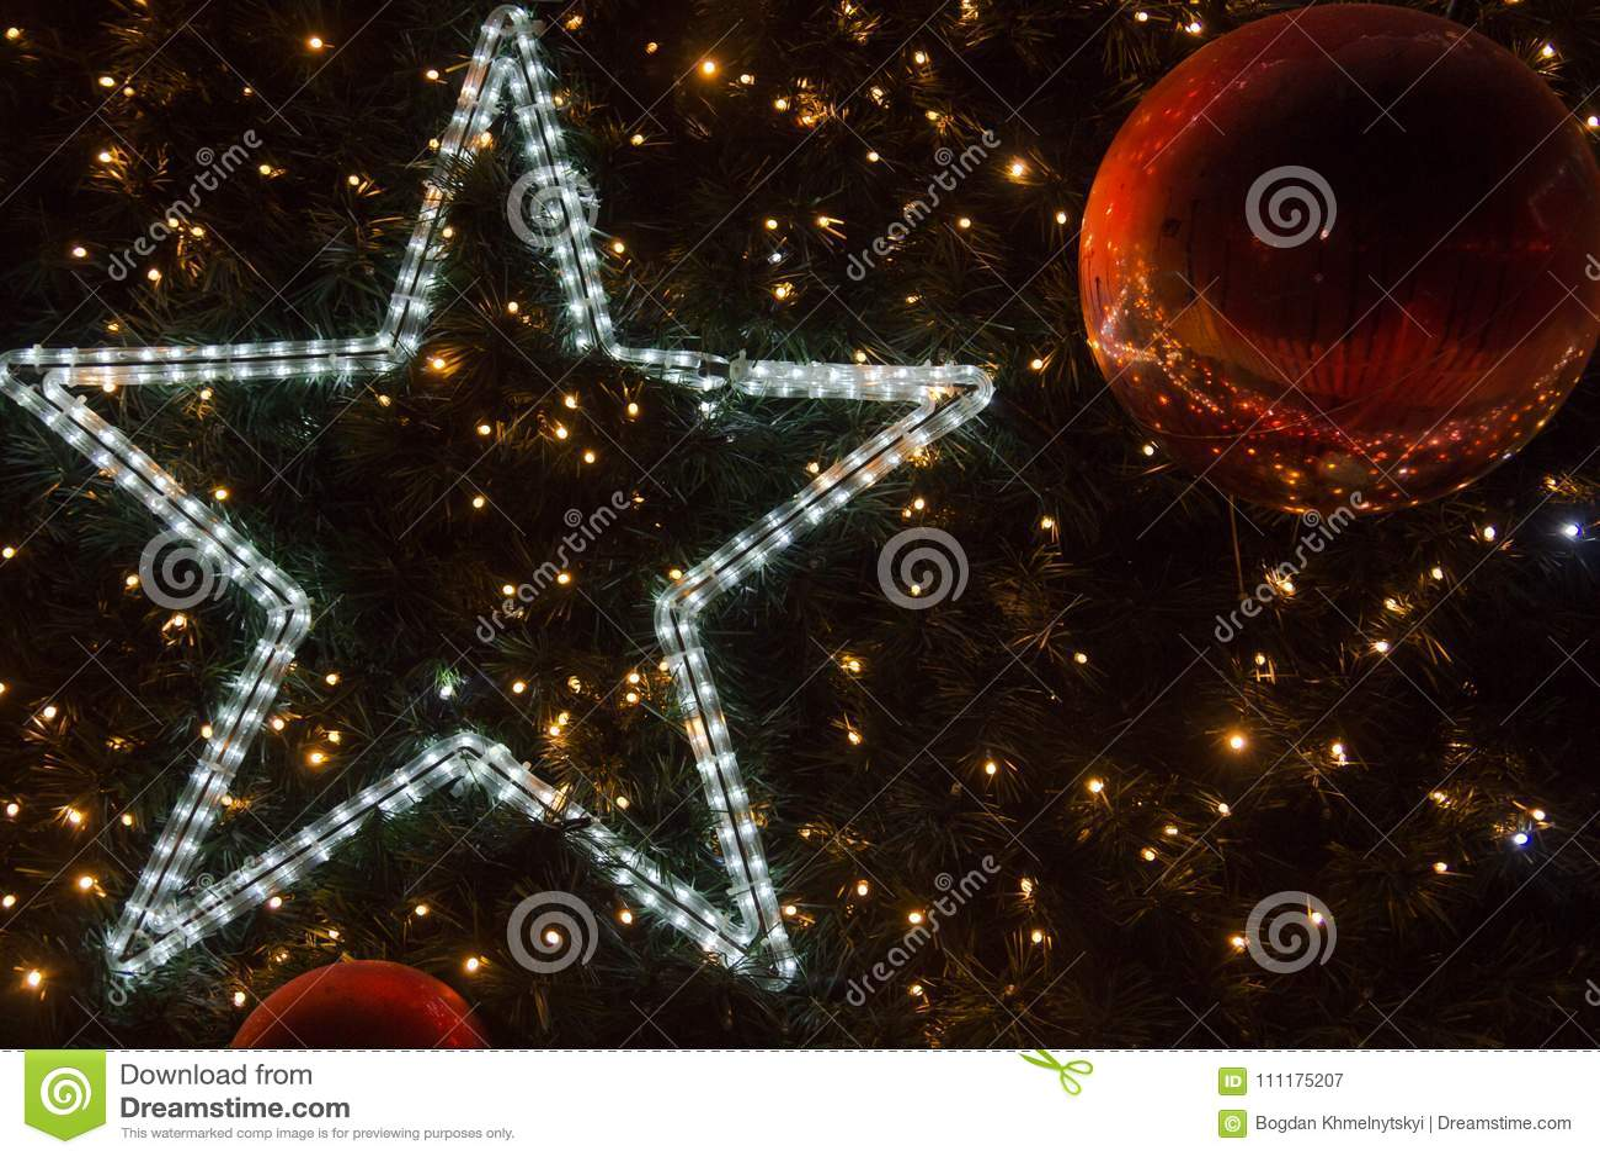 Stella Luminosa Di Natale.Albero Di Natale Decorato Con Una Stella Luminosa Le Luci Brillanti